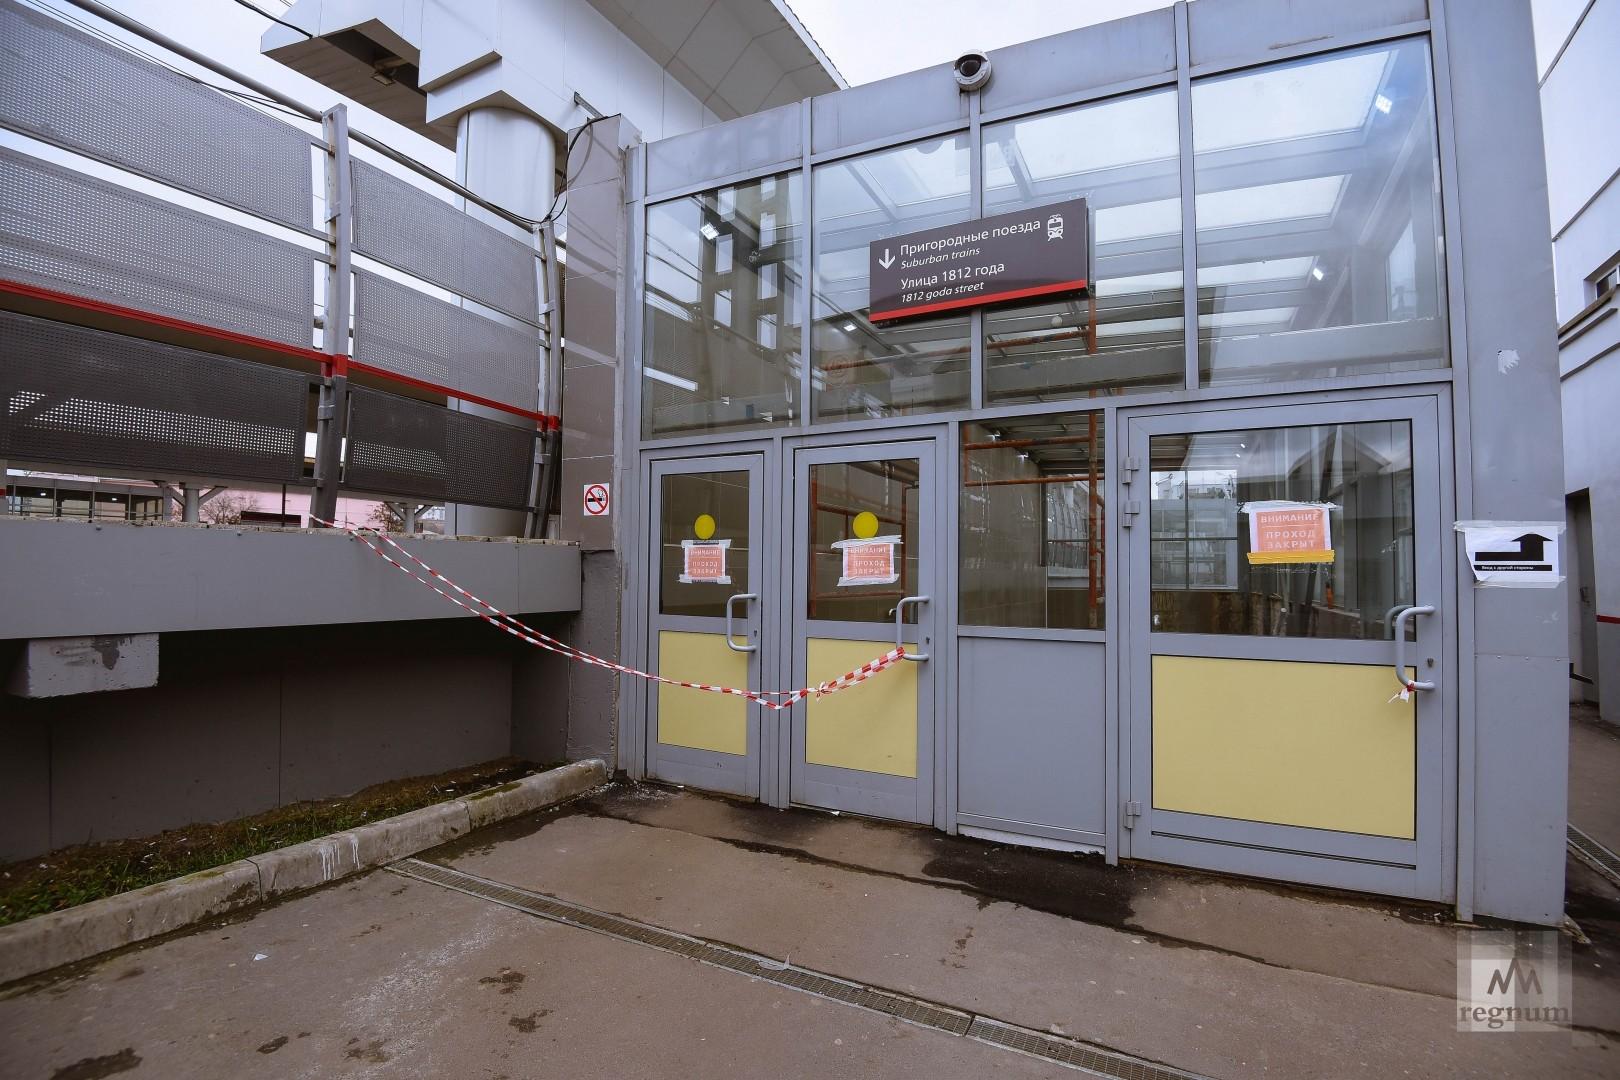 Один из проходов к пригородным поездам закрыт на ремонт